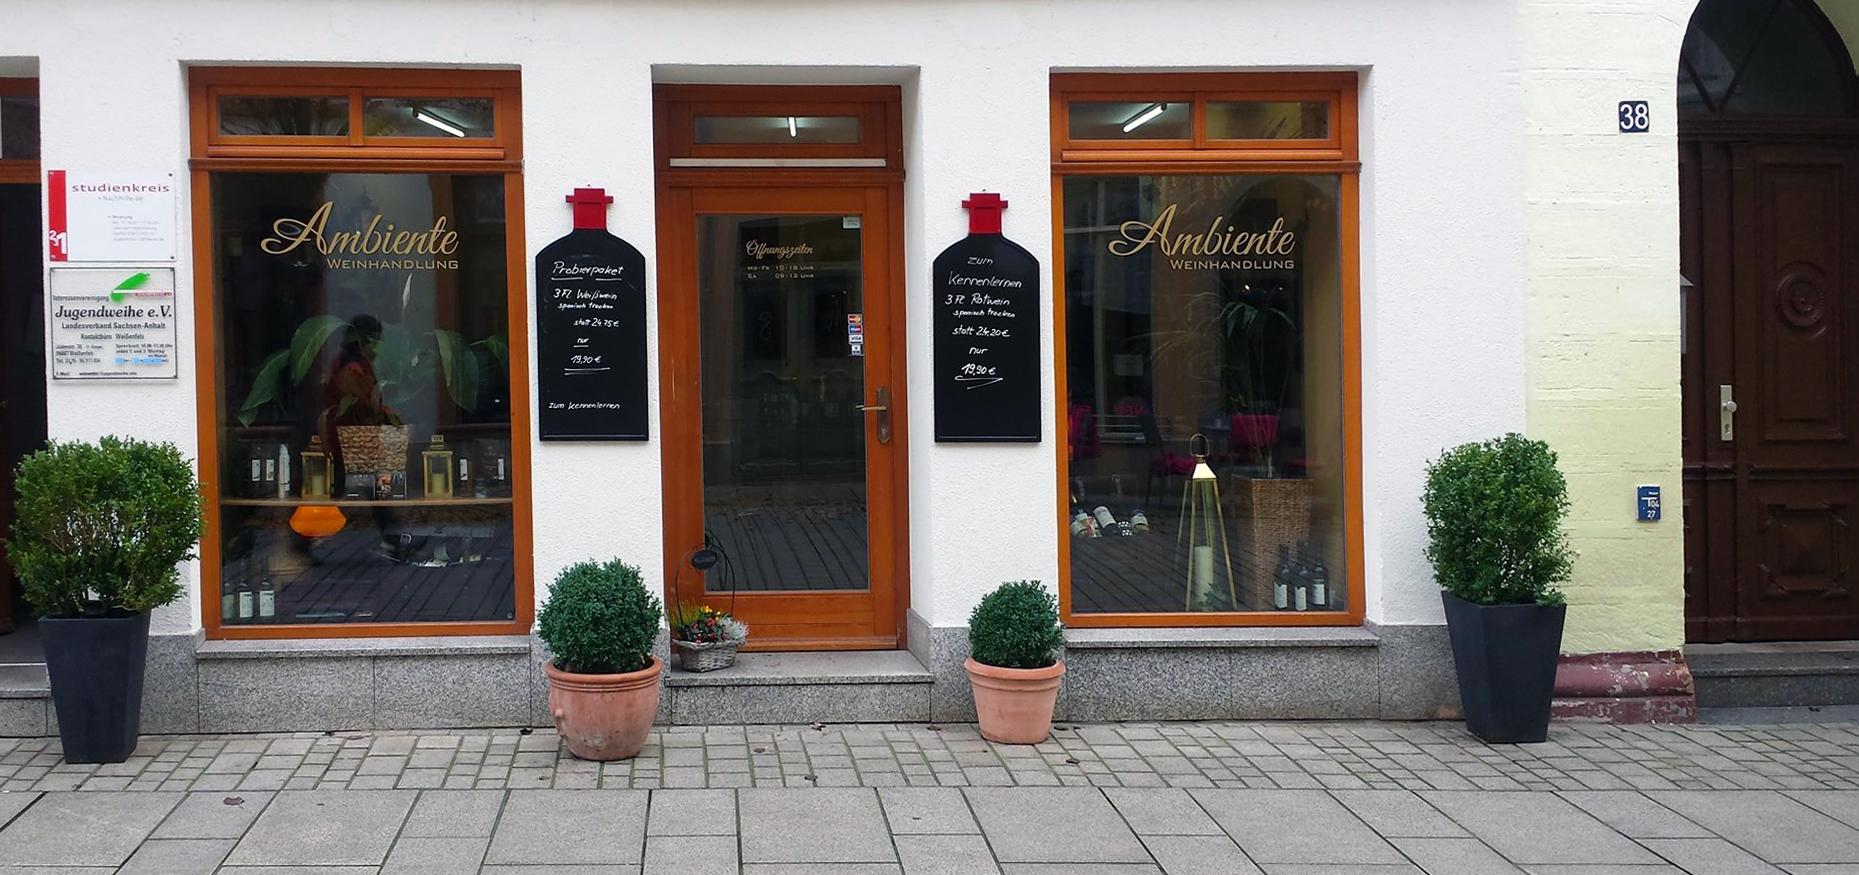 Ambiente Weinhandlung Weißenfels